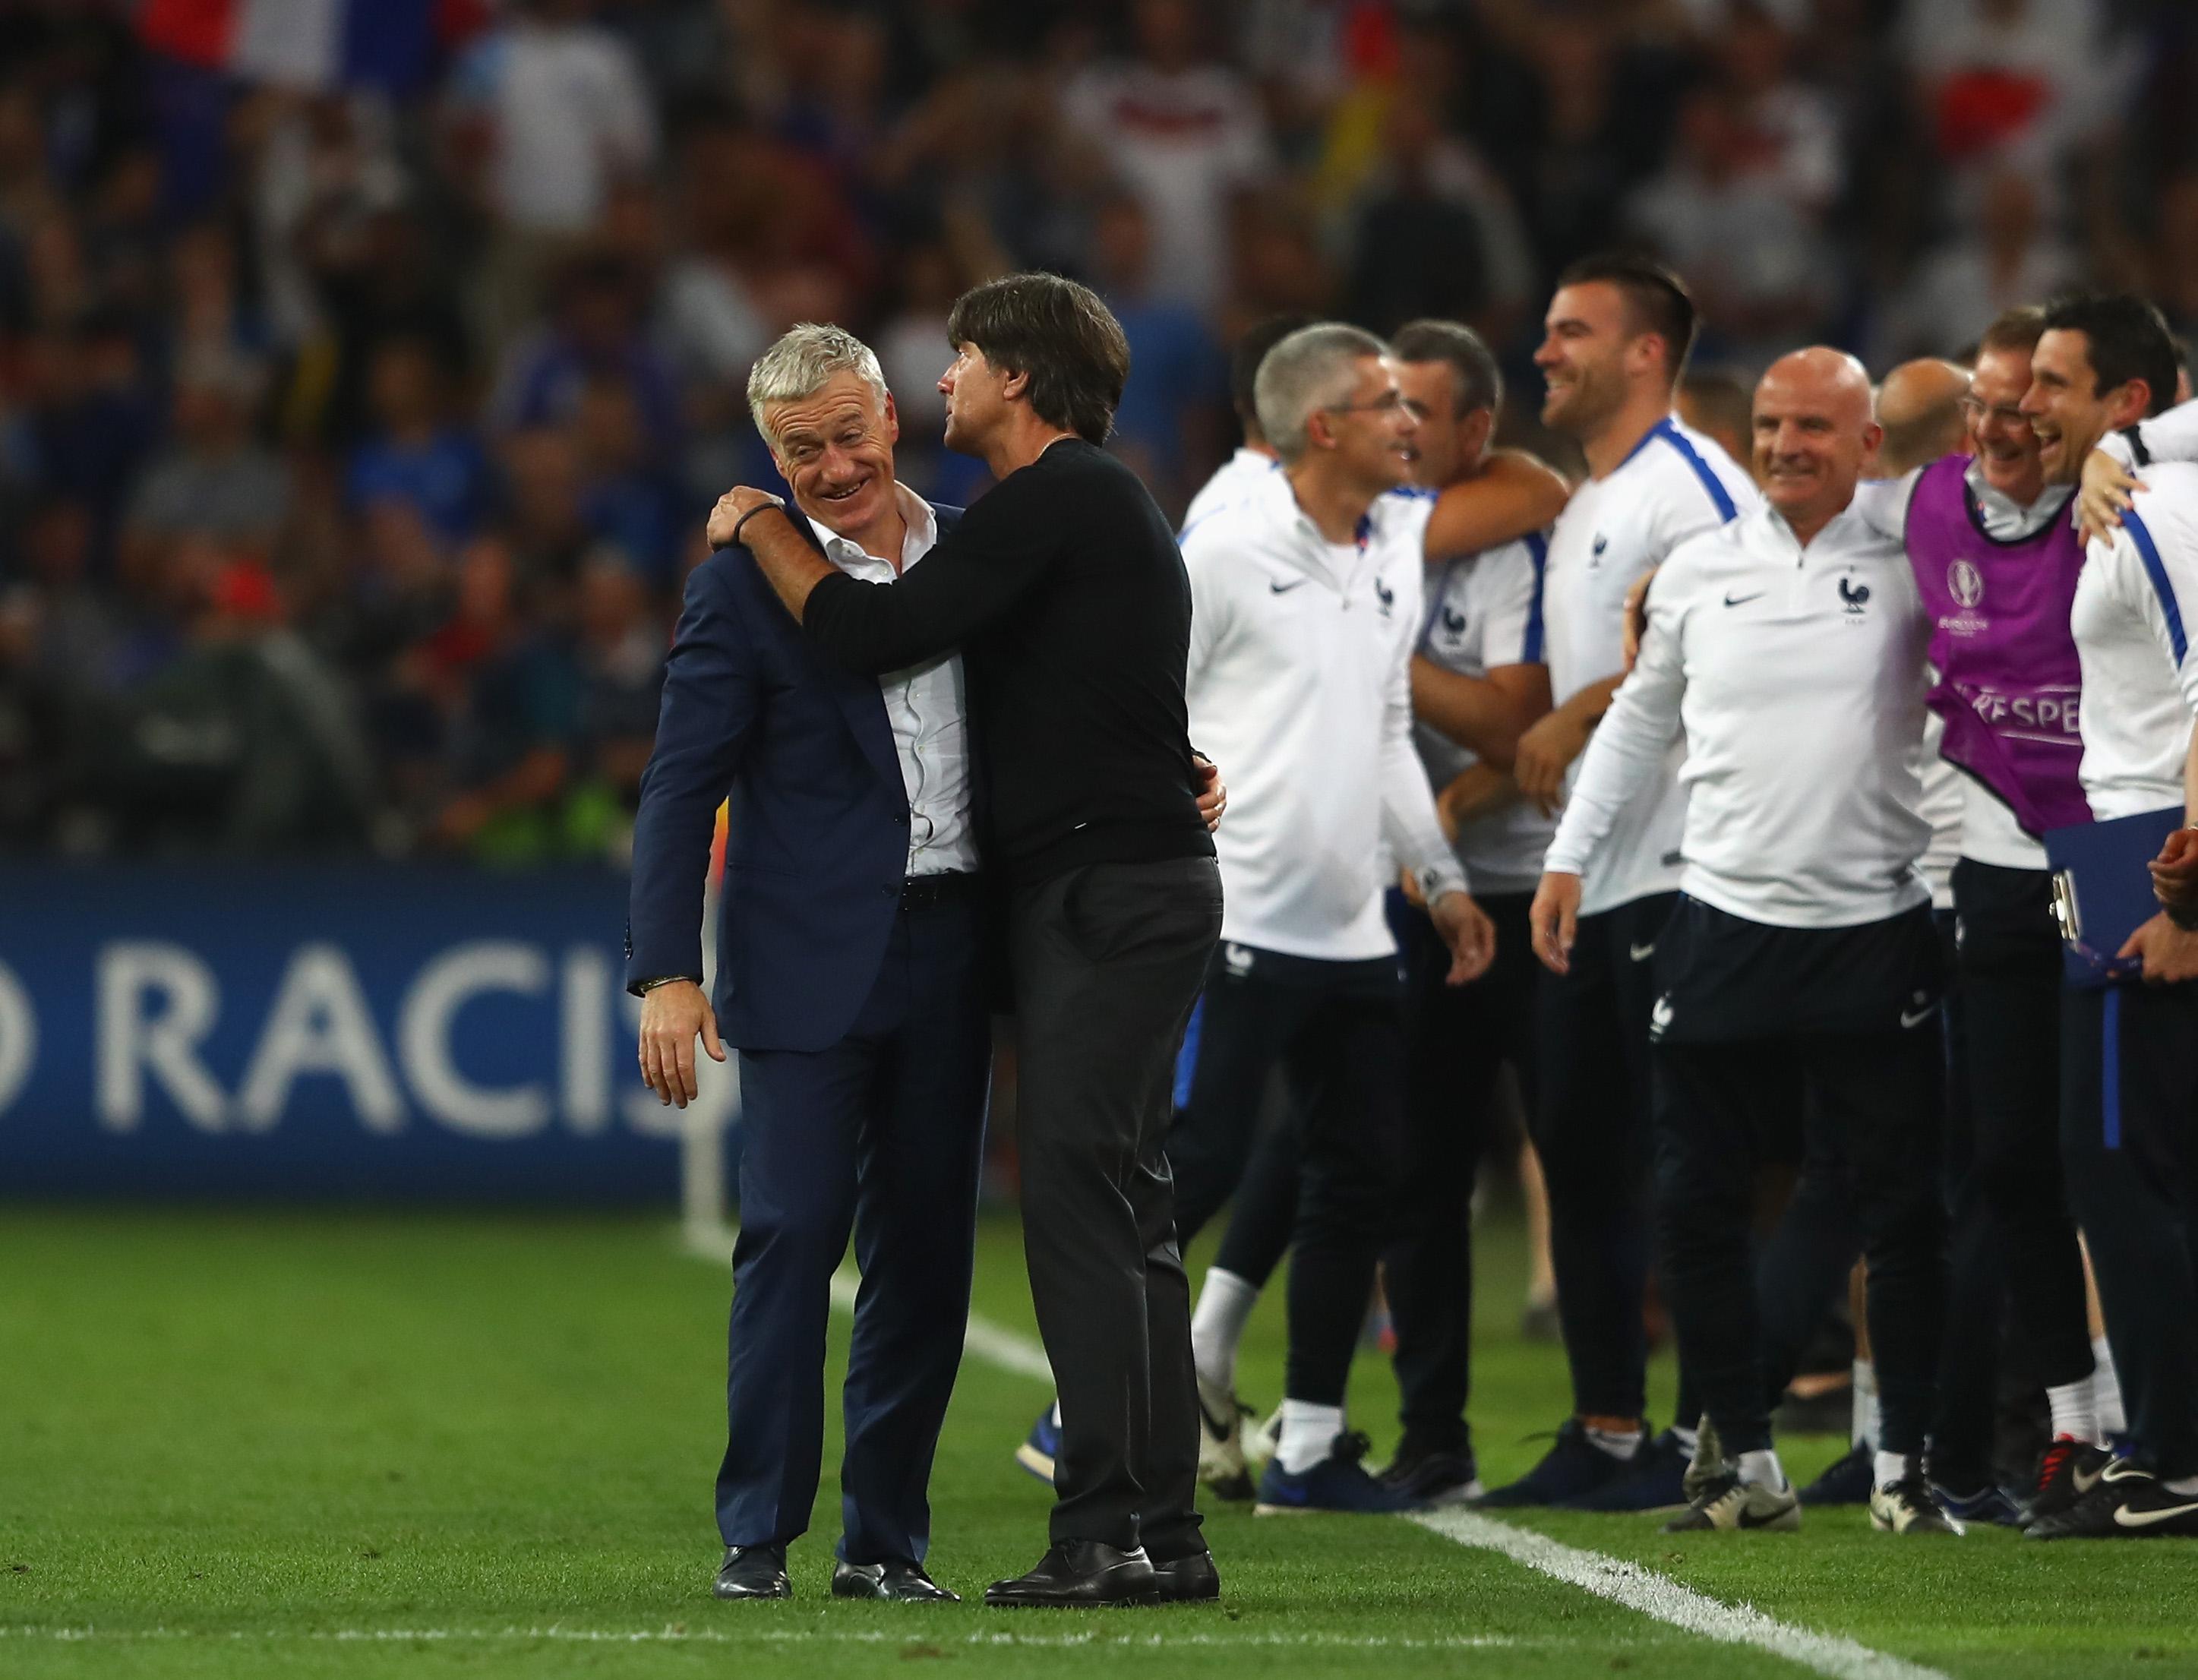 Главные тренеры сборных Франции и Германии Дидье Дешам и Йоахим Лев после полуфинала чемпионата Европы